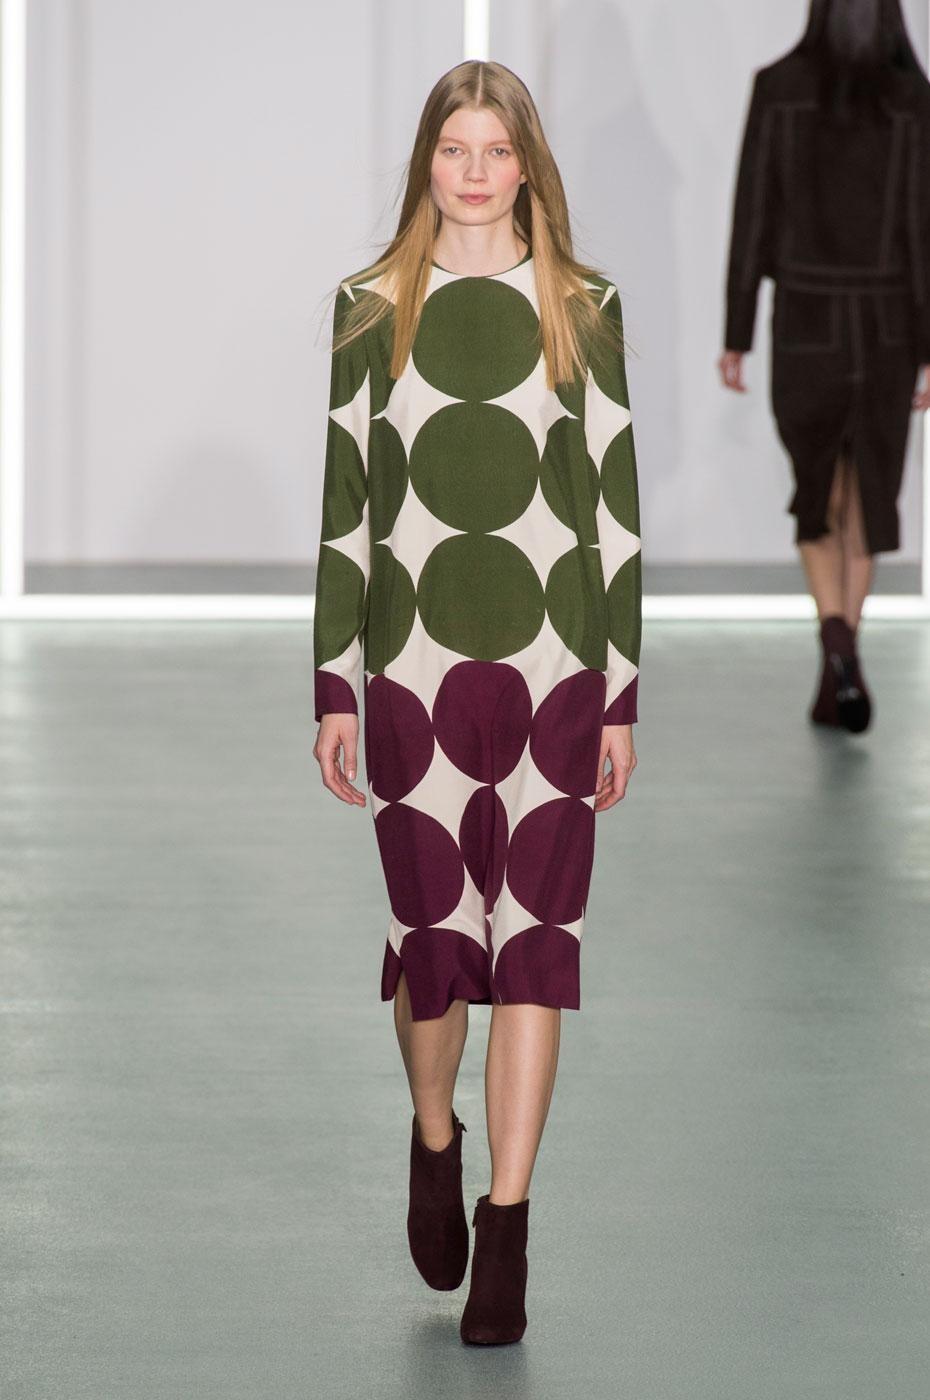 платья 2018 года модные тенденции фото: в горох зеленый сиреневый